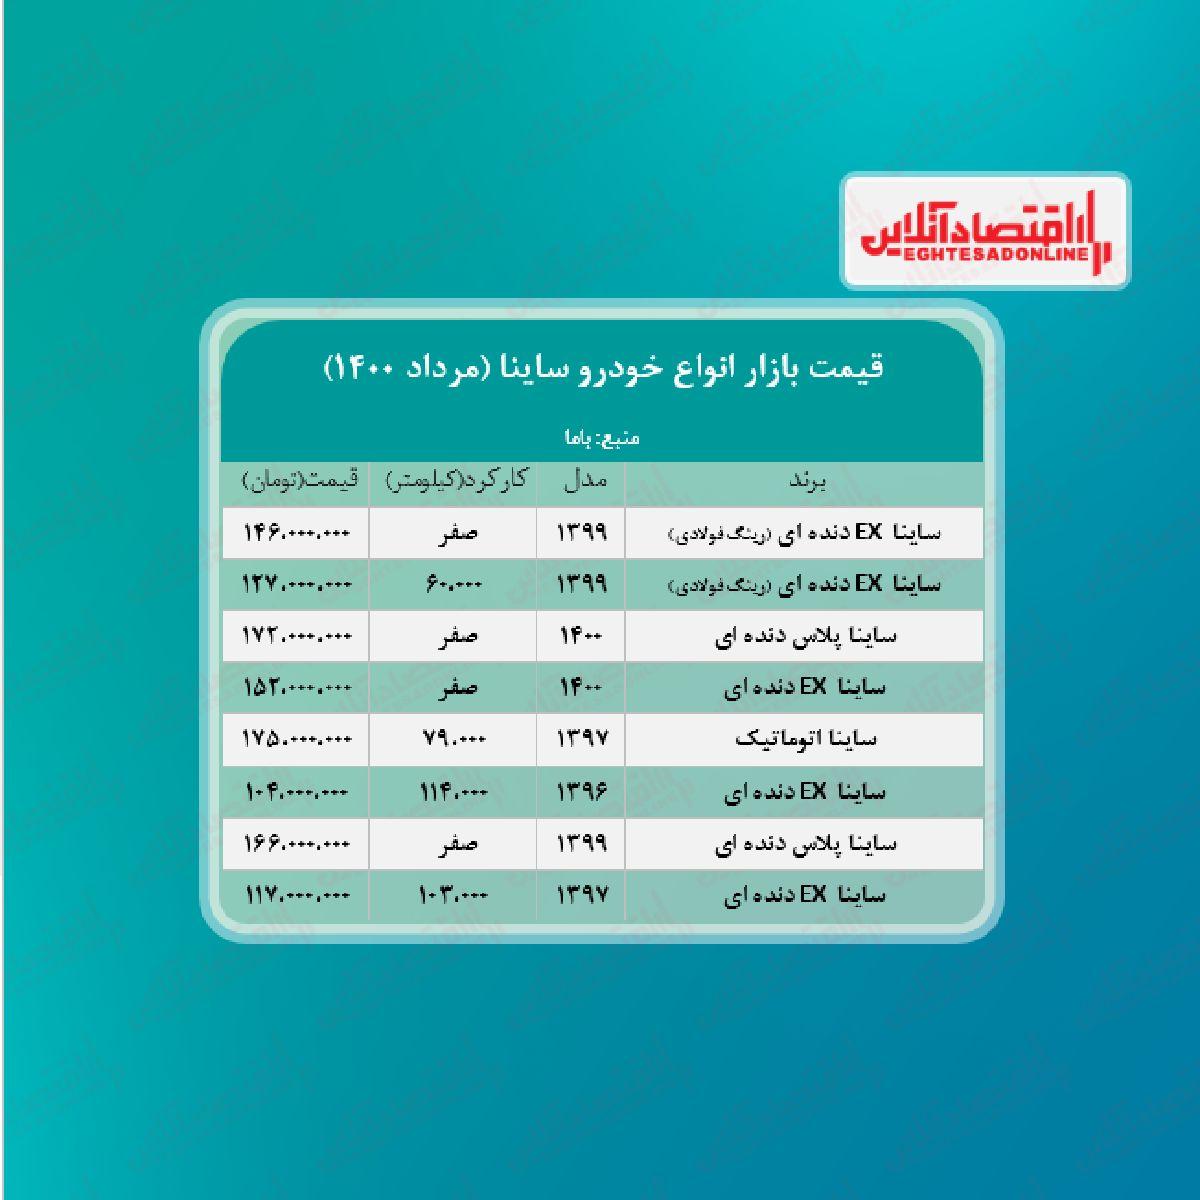 قیمت ساینا ۱۴۶ میلیون تومان شد + جدول